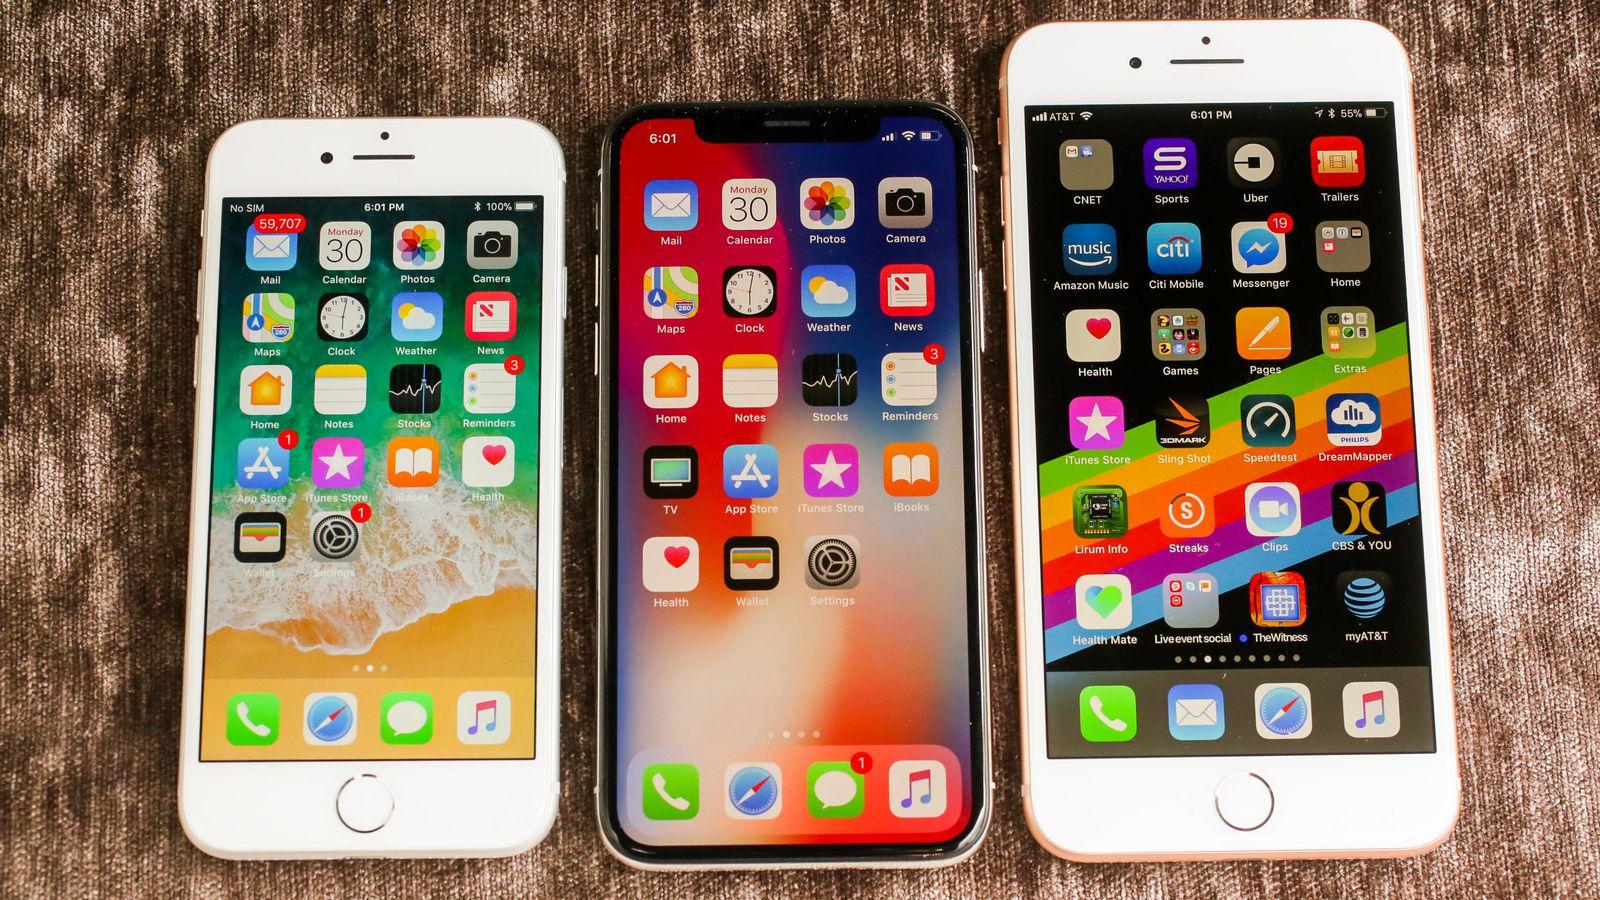 Come accelerare e ottimizzare un iPhone? 1